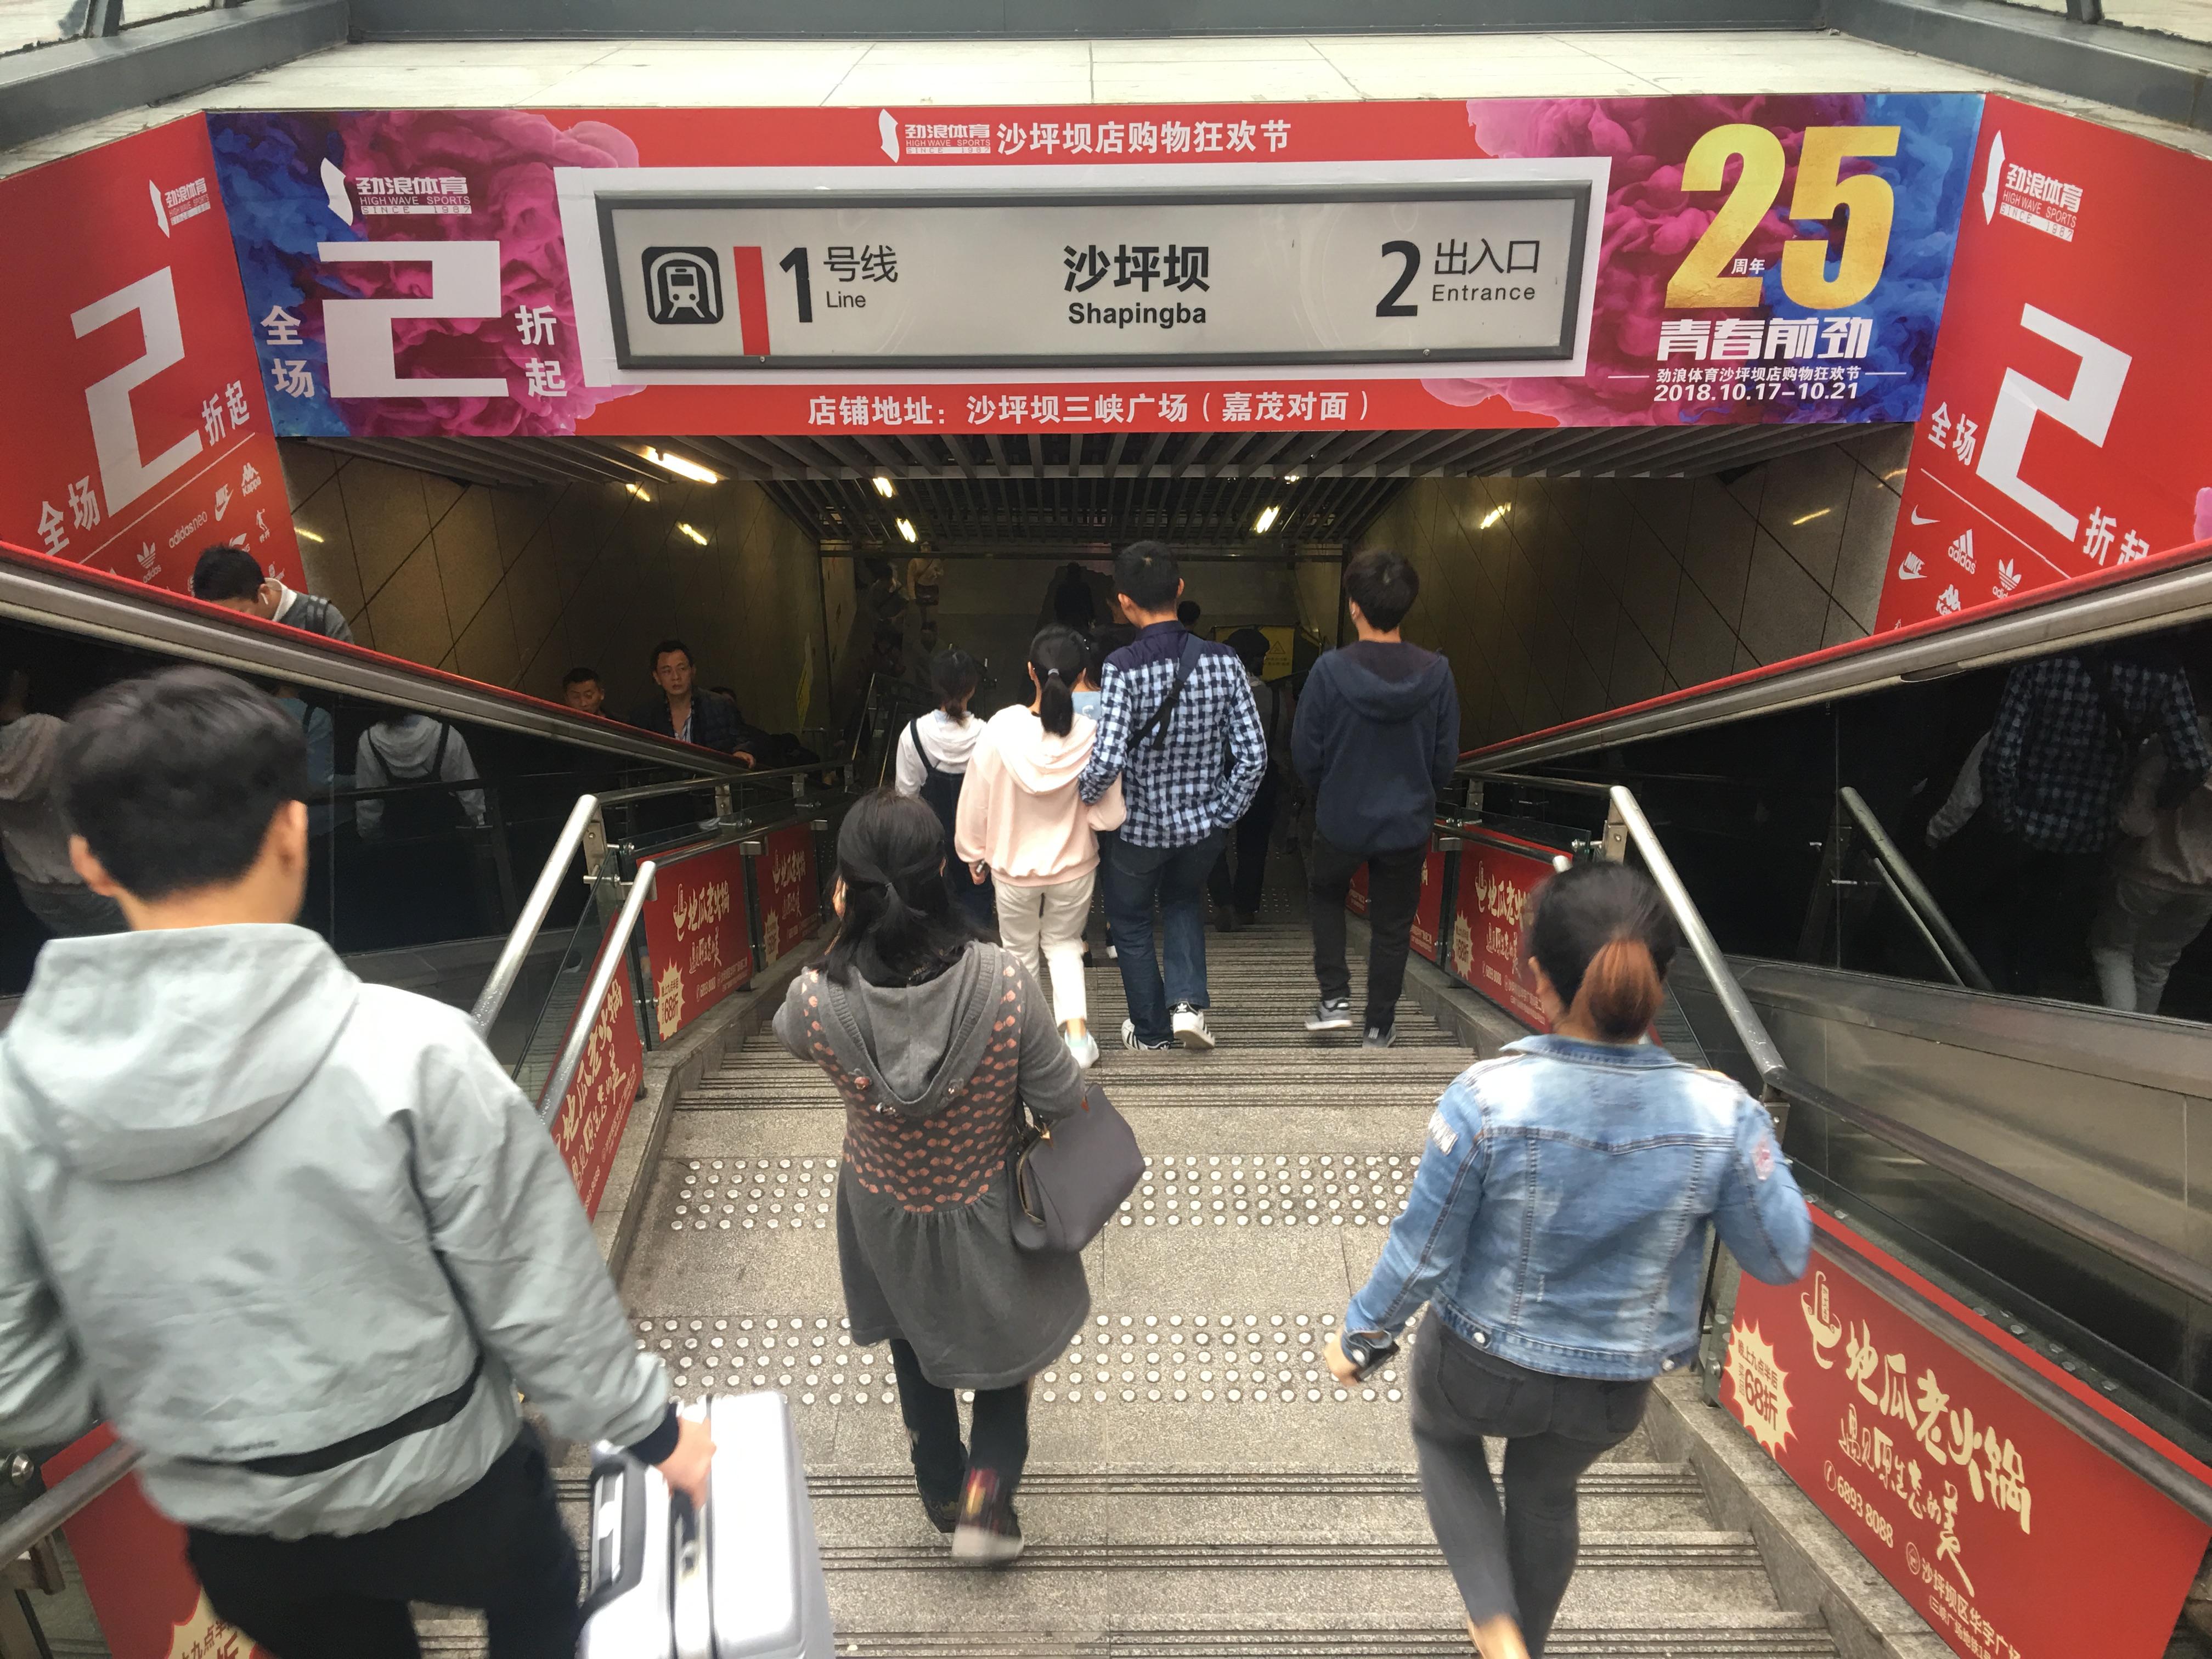 重庆市1号/2号/6号线轻轨出入口广告-易播网